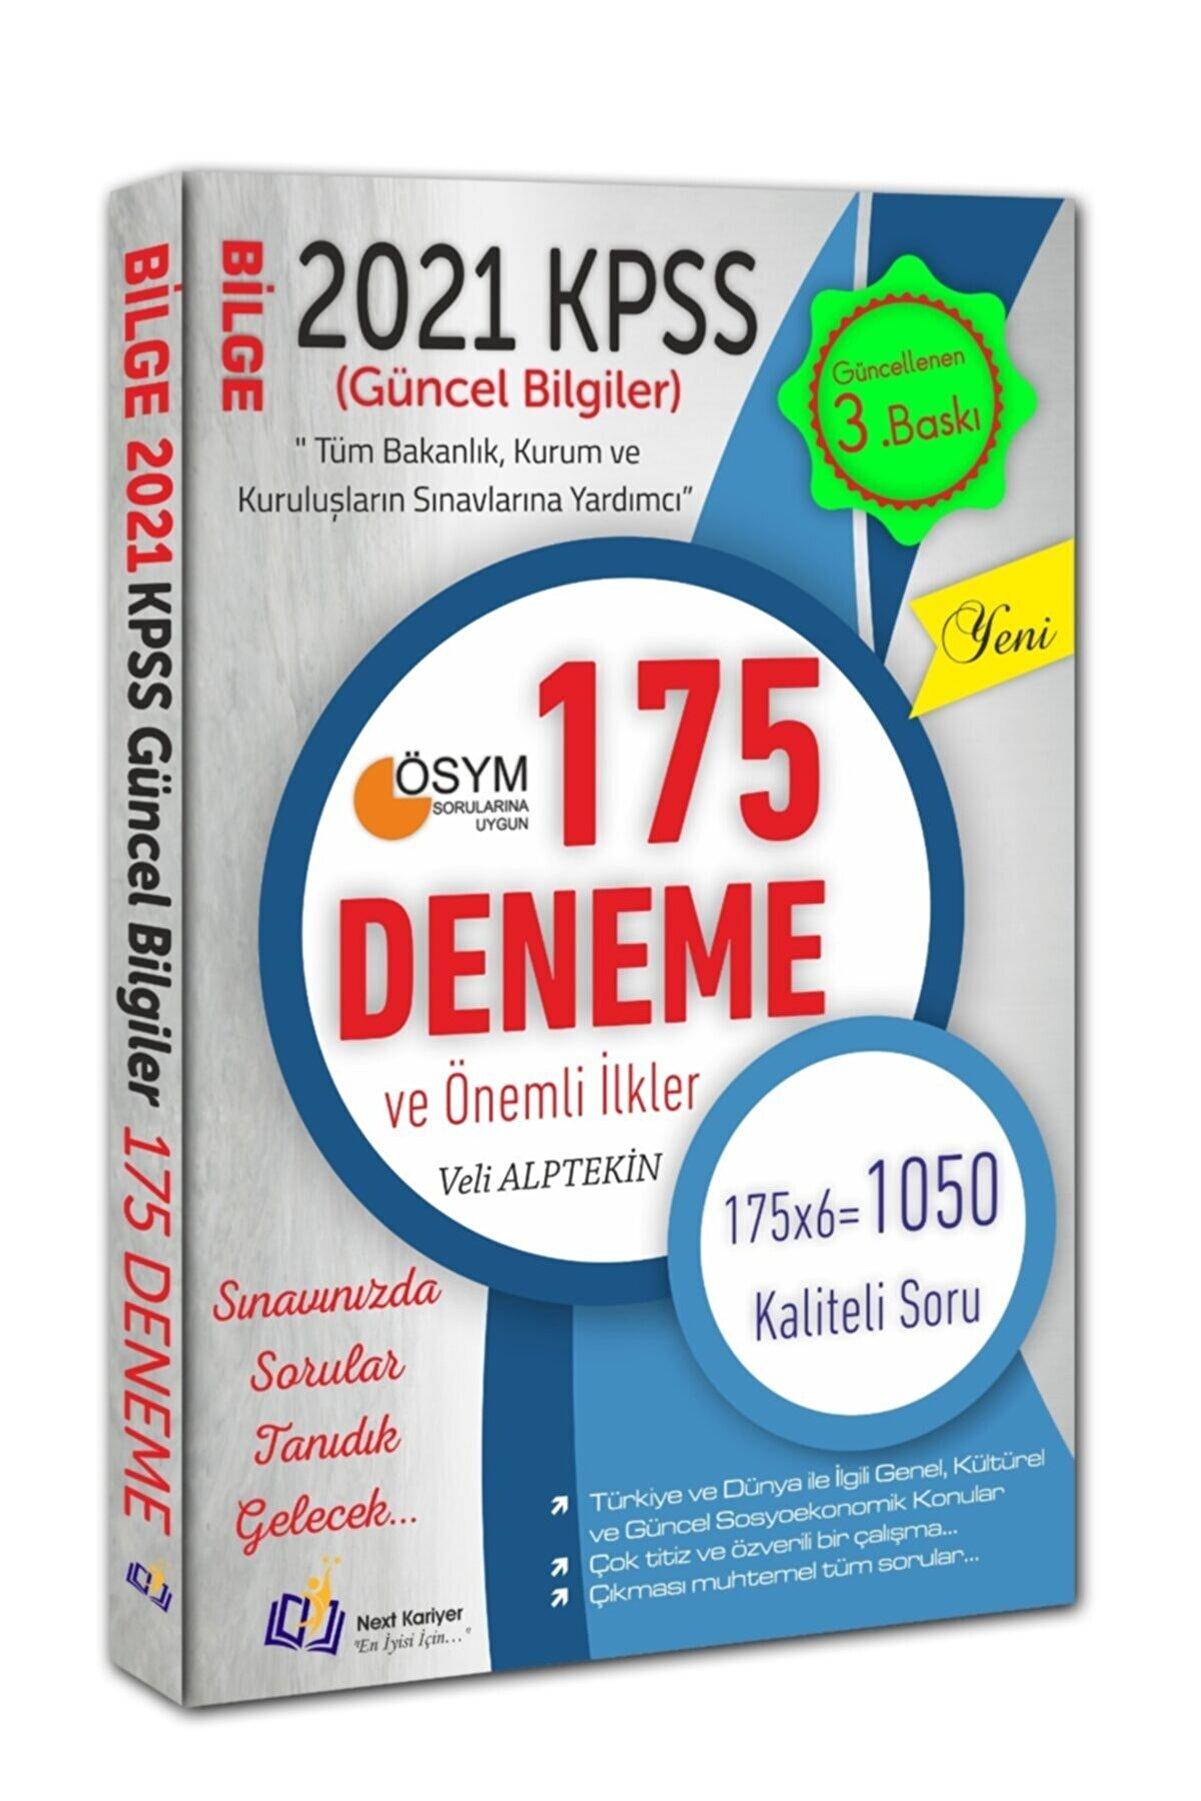 Next Level Kariyer Yayınları 2021 Kpss Güncel Bilgiler Bilge 175 Deneme Ve Önemli Ilkeler